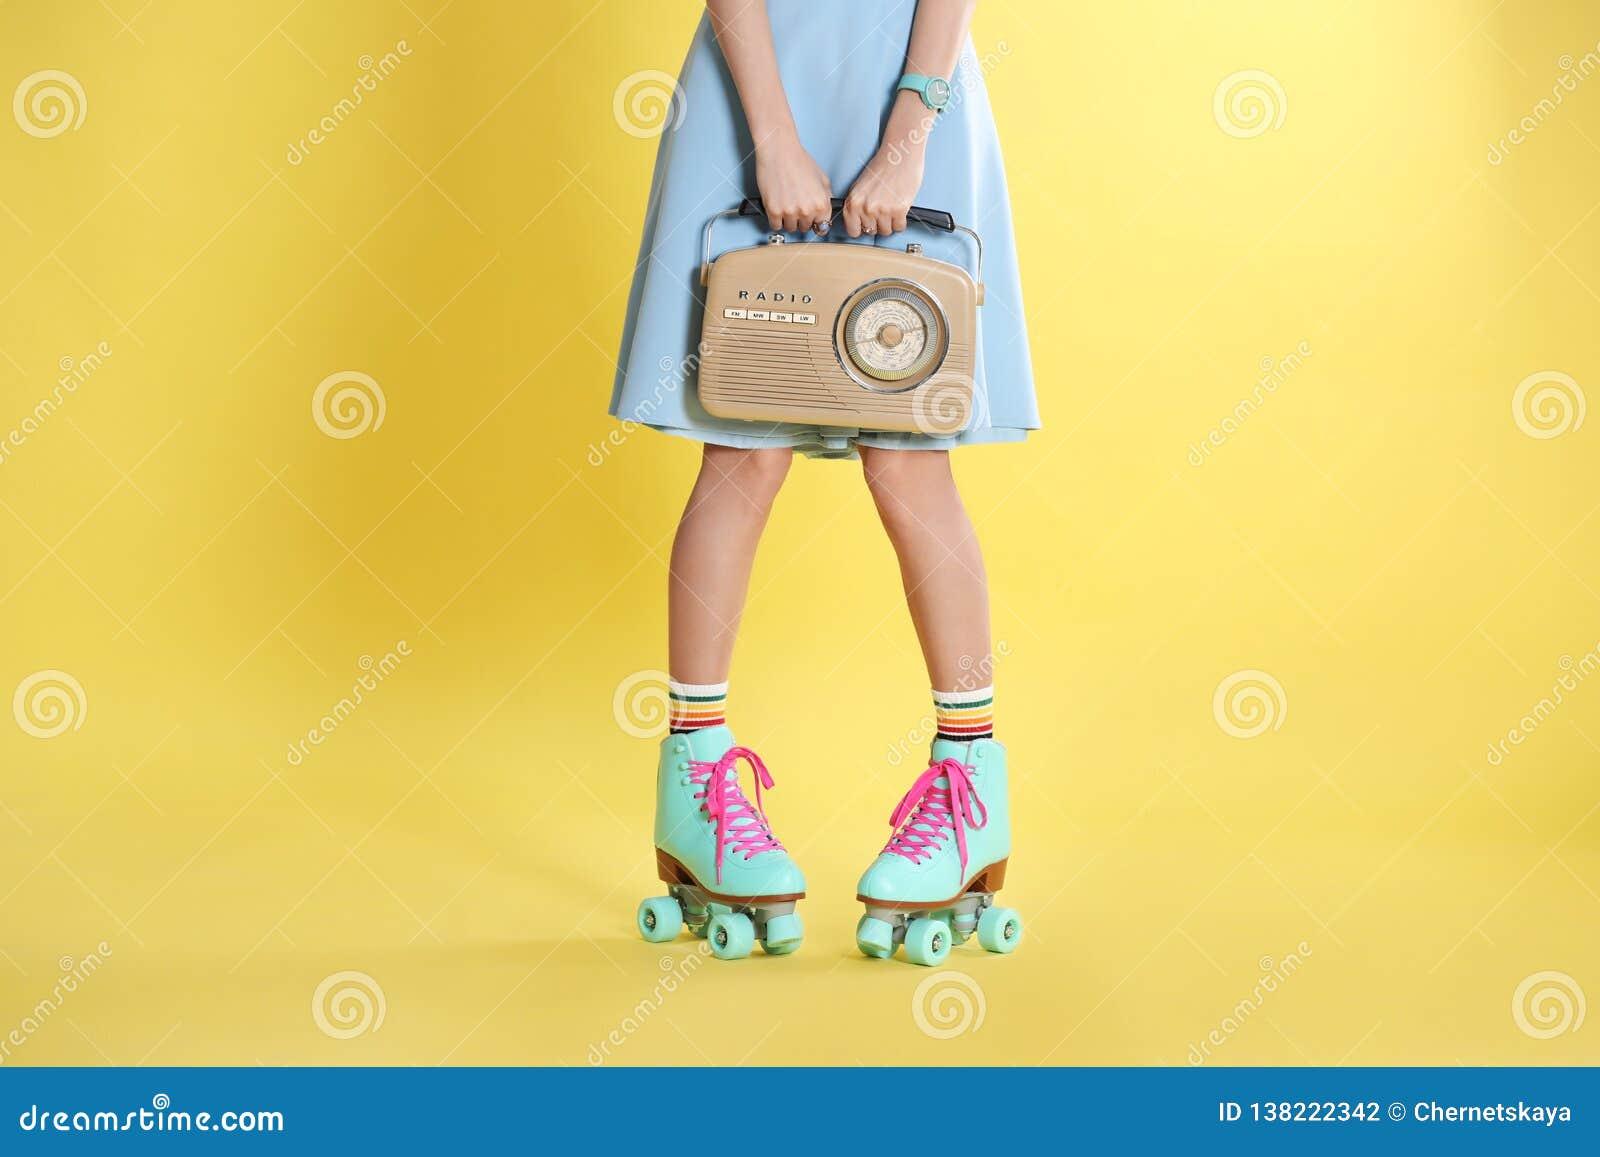 Giovane donna con i pattini di rullo e retro radio sul fondo di colore